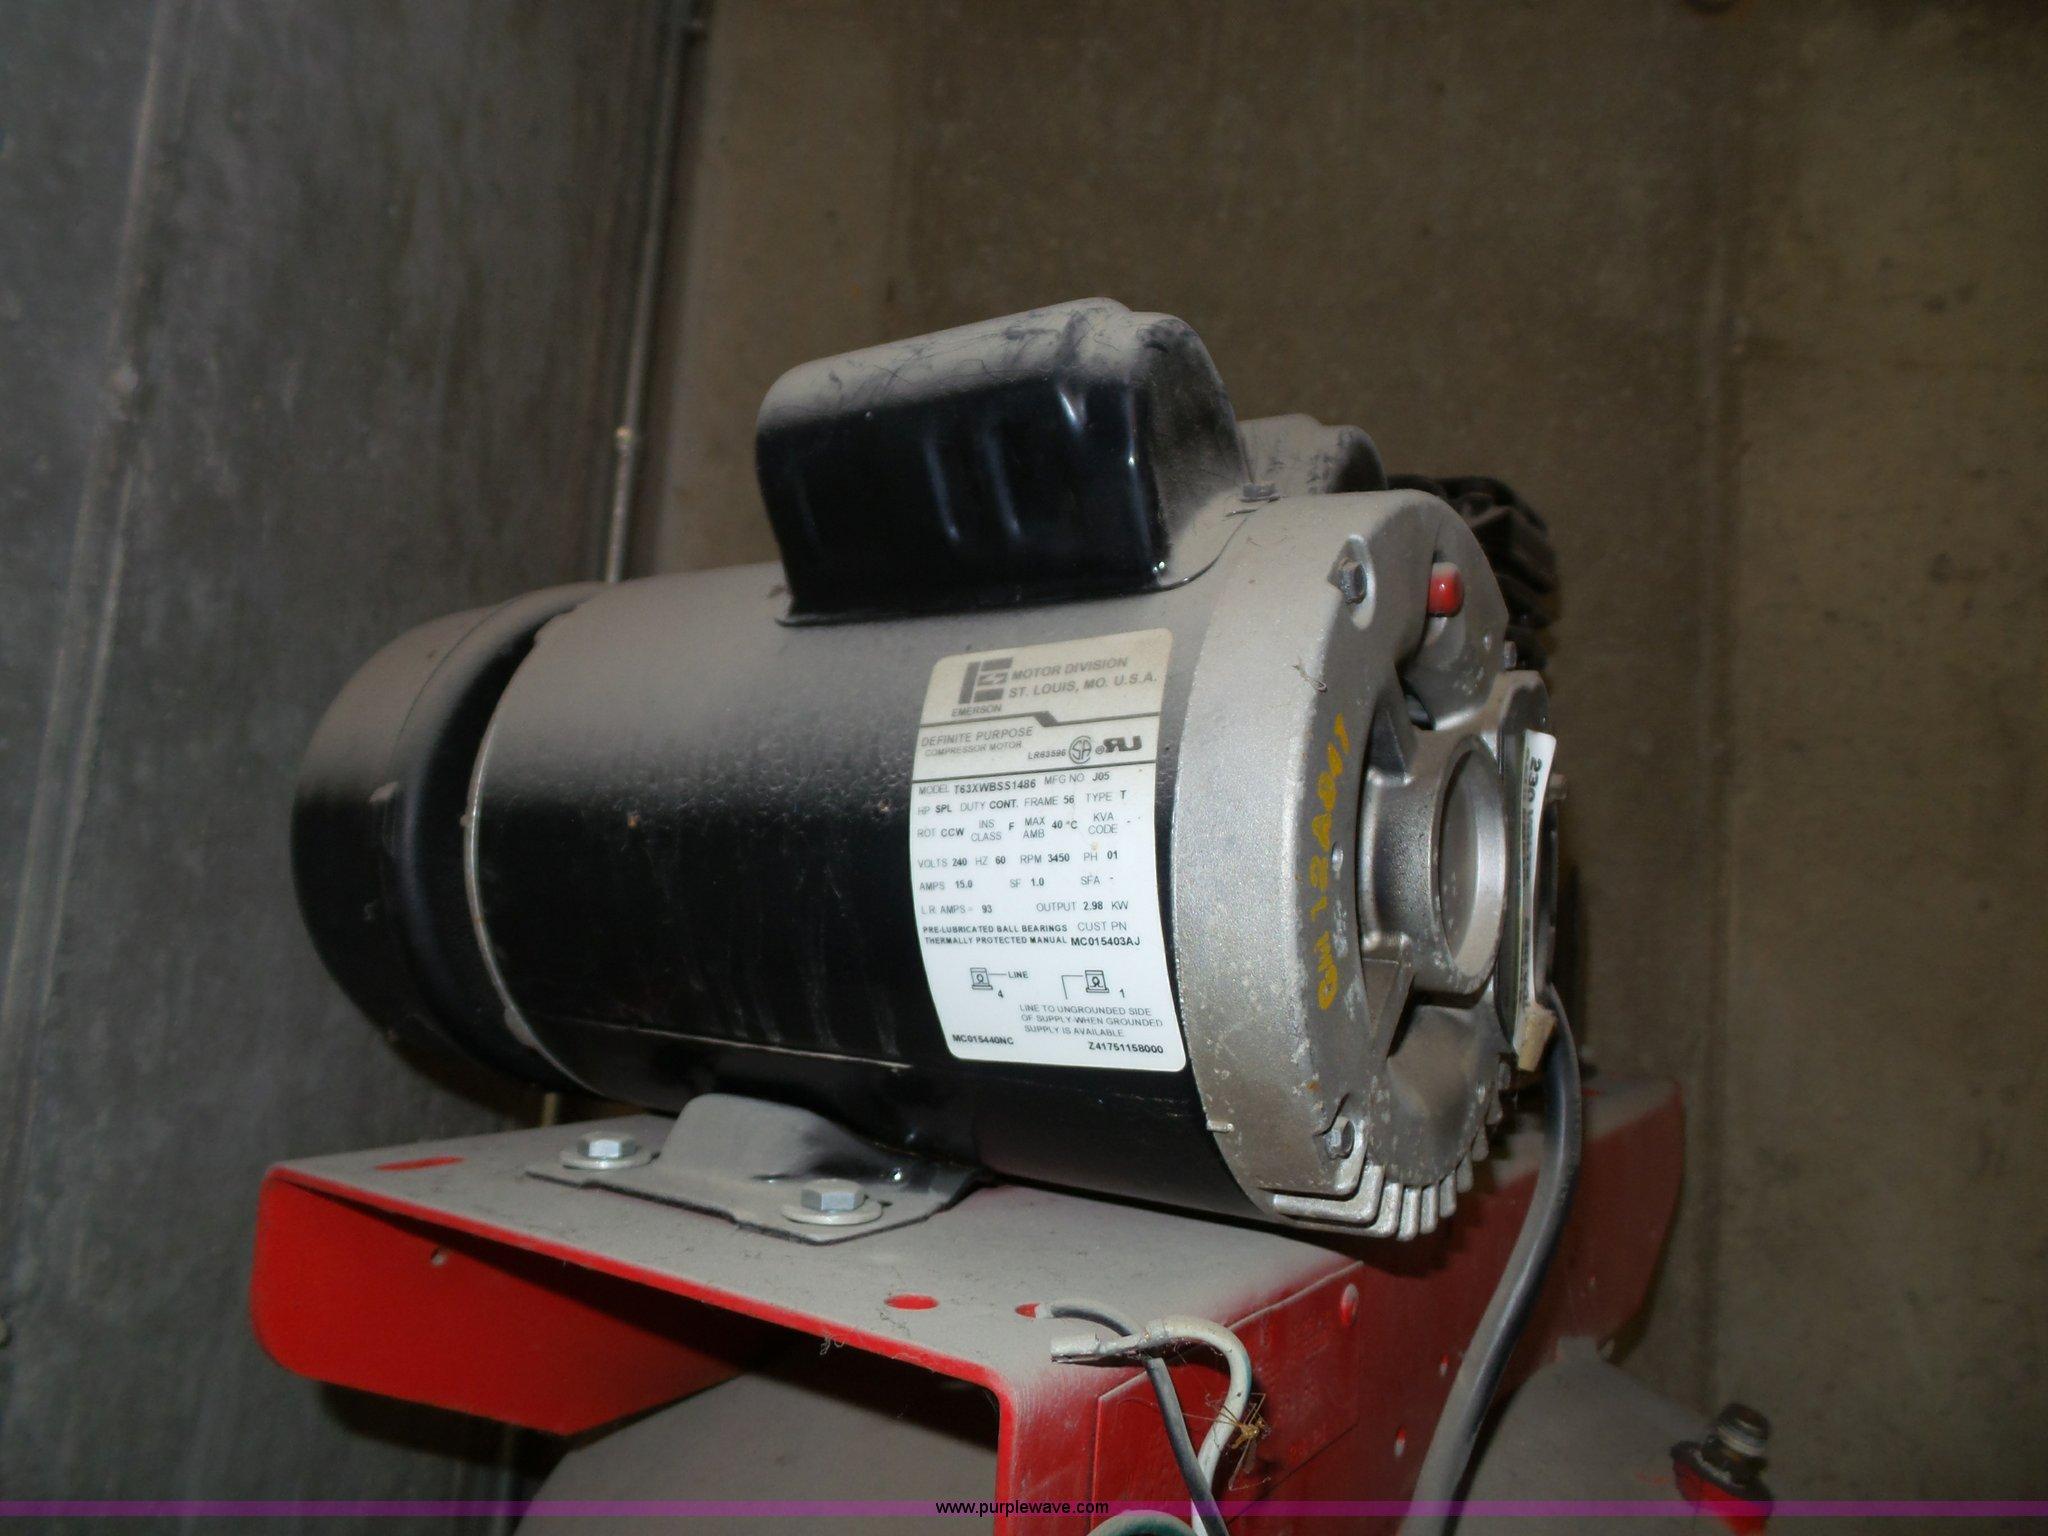 Husky pro vt631402aj air compressor item bg9428 sold ju husky pro vt631402aj air compressor full size in new window sciox Choice Image